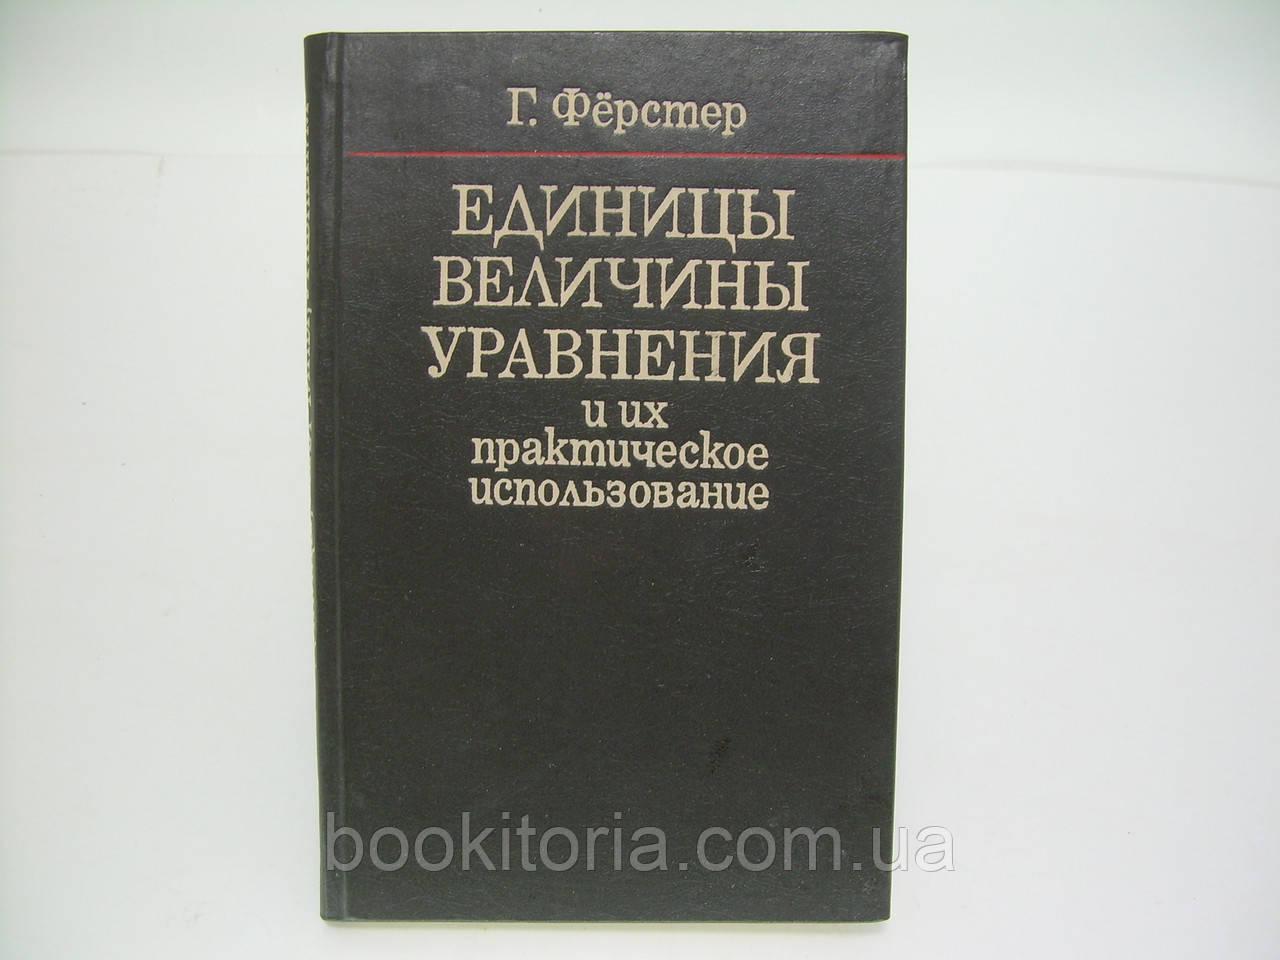 Ферстер Г. Единицы, величины, уравнения и их практическое использование (б/у).